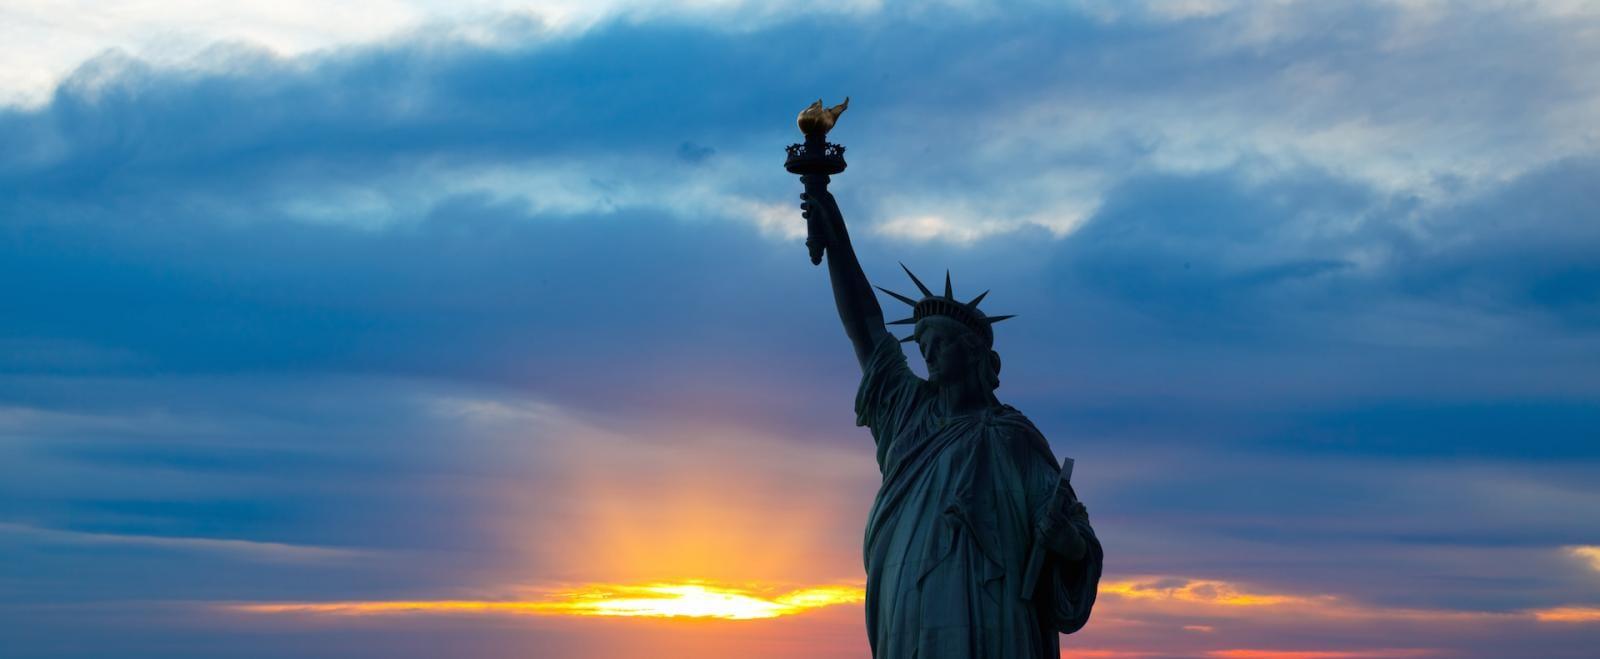 Alles, was man zur Freiheitsstatue in New York wissen muss